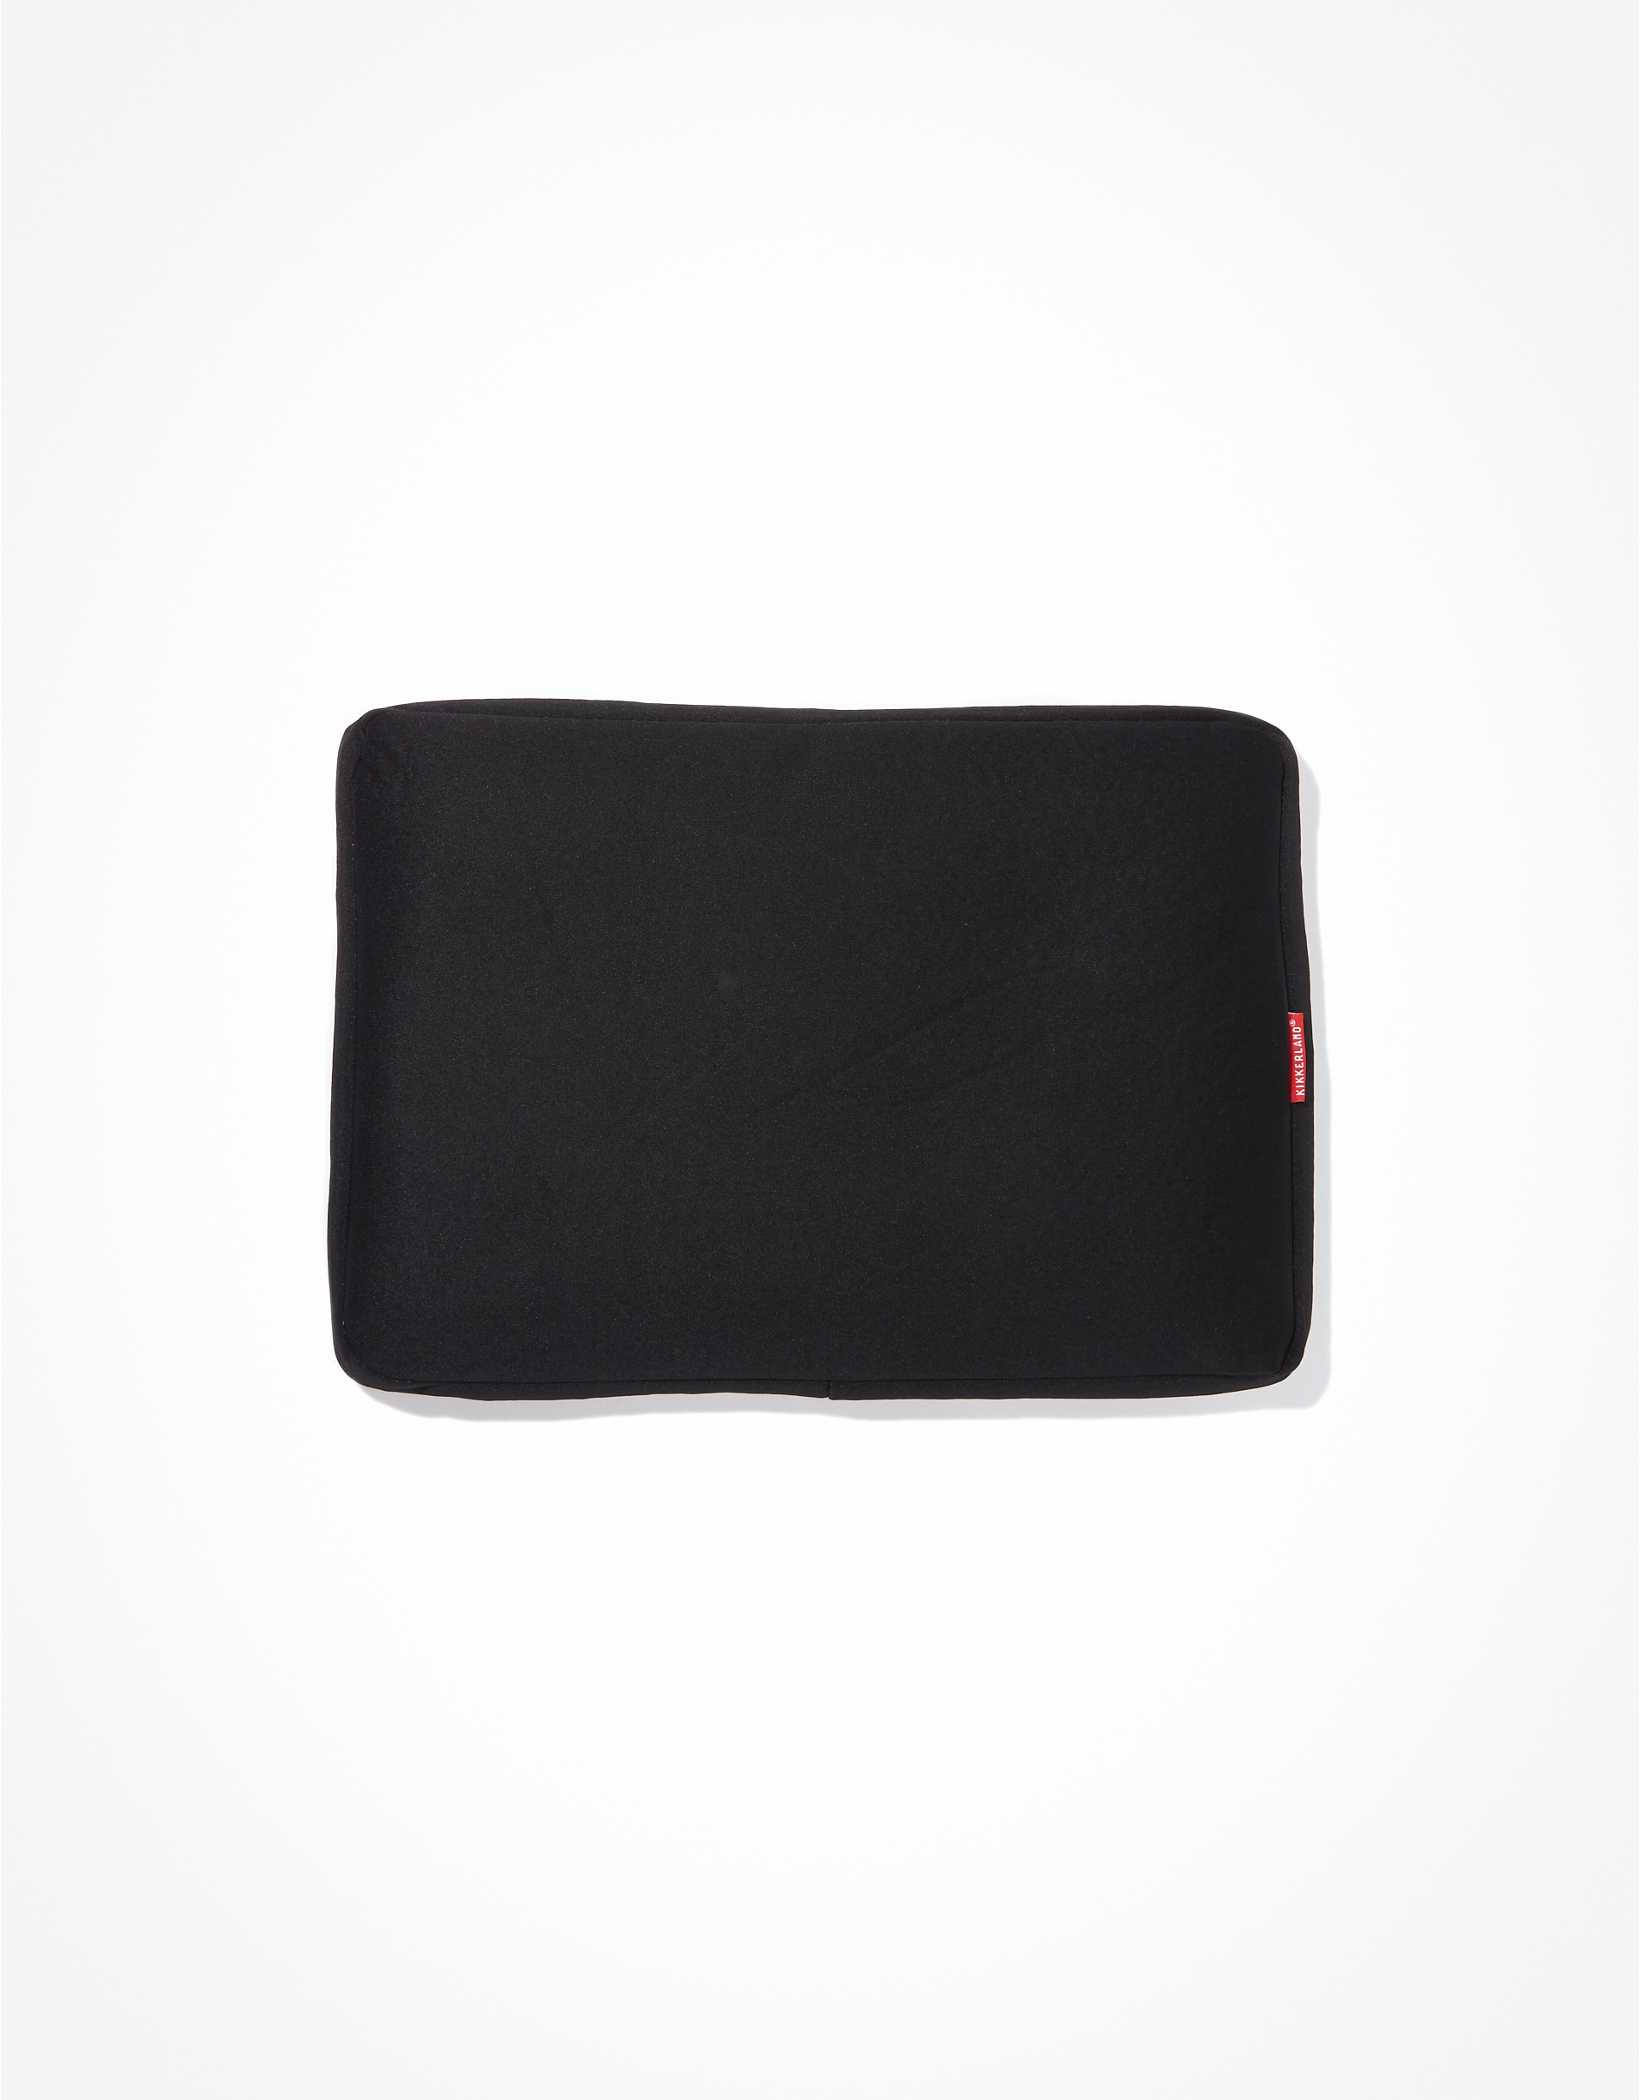 Kikkerand iPad Tray